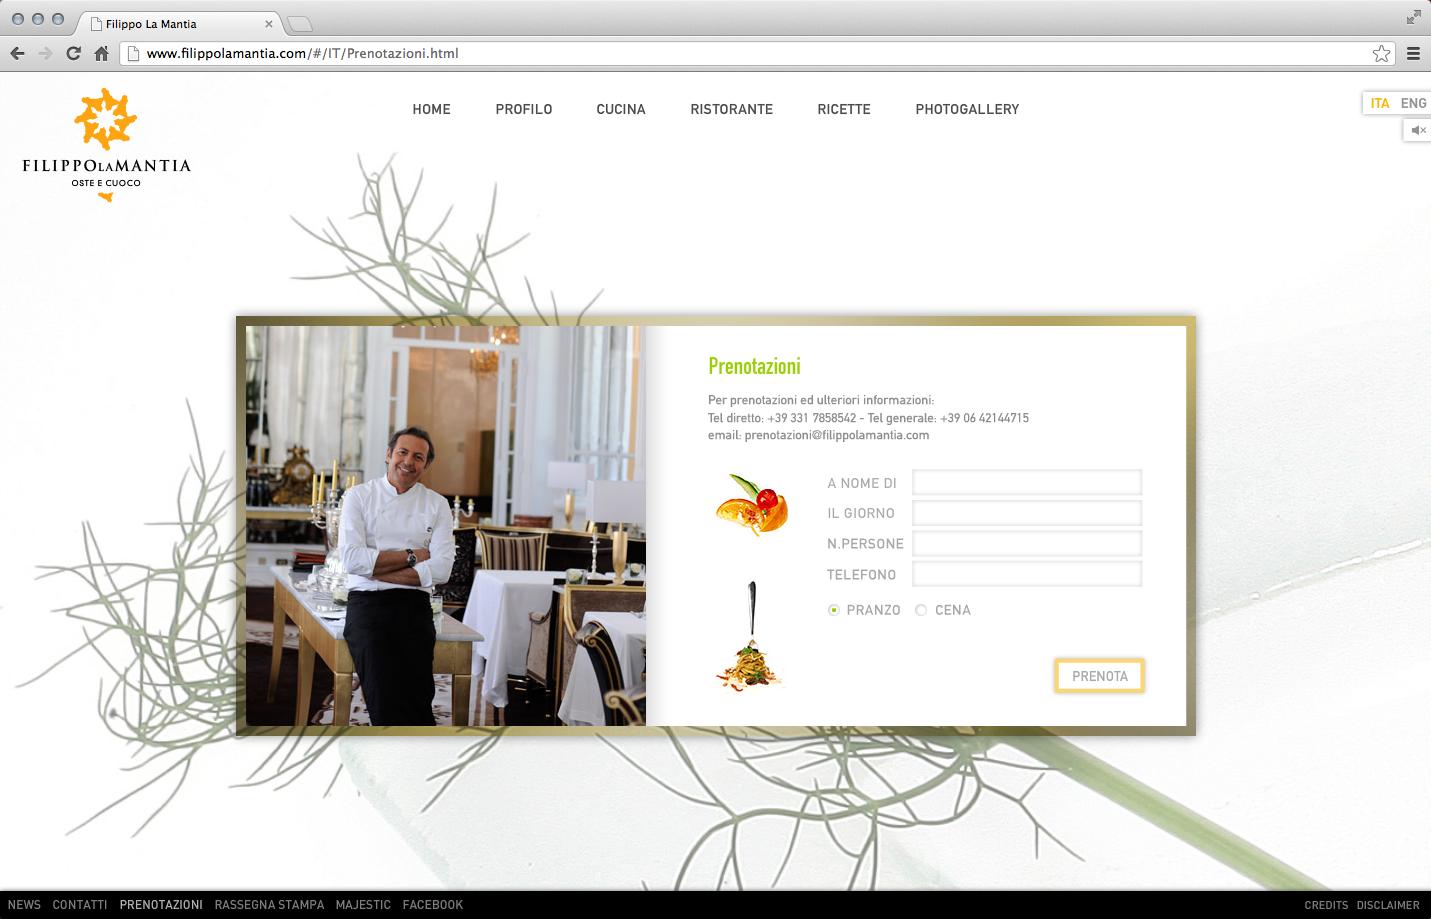 Filippo La Mantia Rebranding - Web Site 4